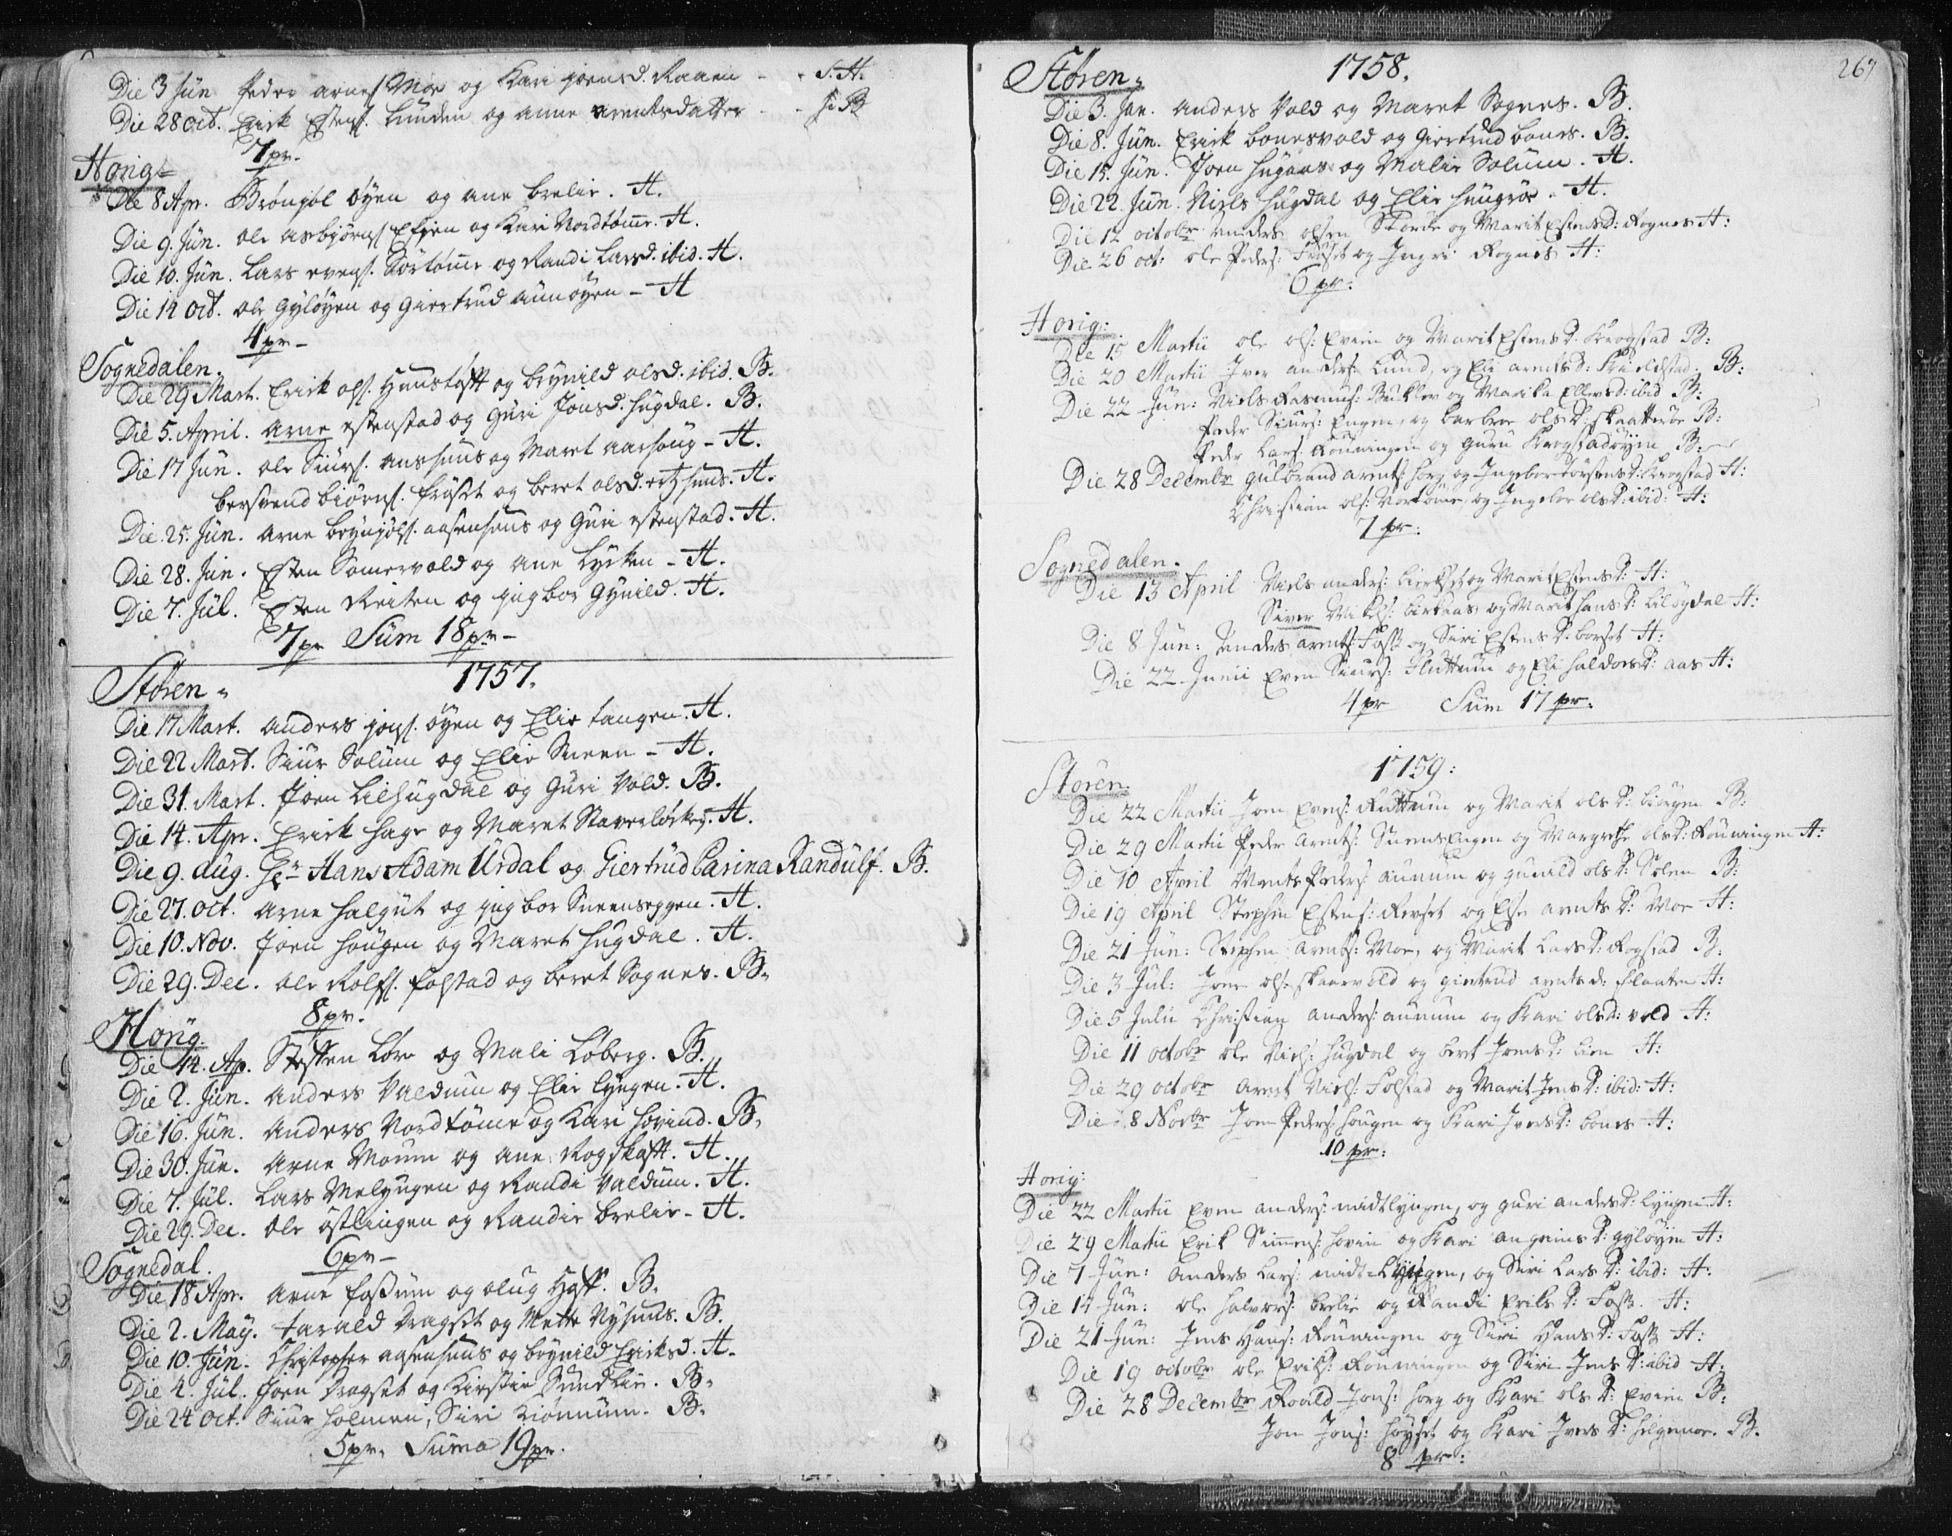 SAT, Ministerialprotokoller, klokkerbøker og fødselsregistre - Sør-Trøndelag, 687/L0991: Ministerialbok nr. 687A02, 1747-1790, s. 267